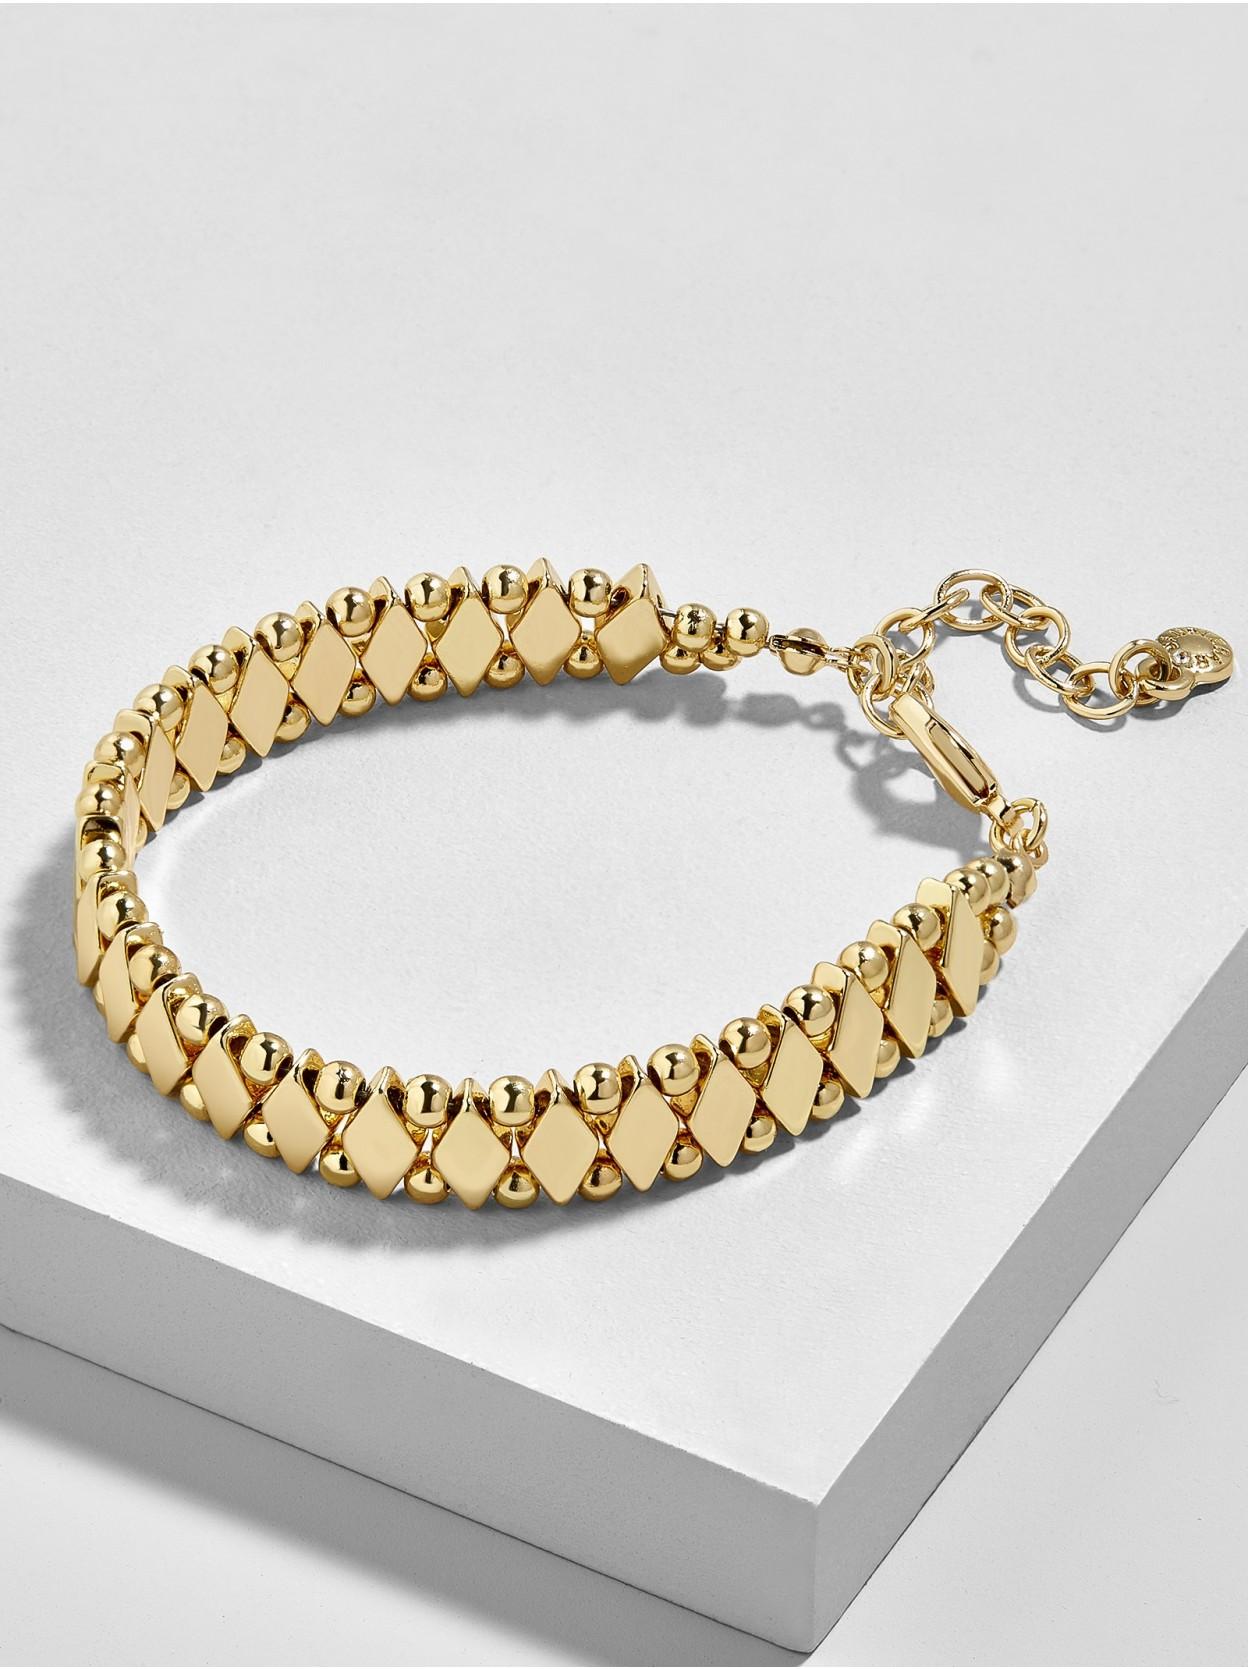 Sebella Bracelet BaubleBar.jpg